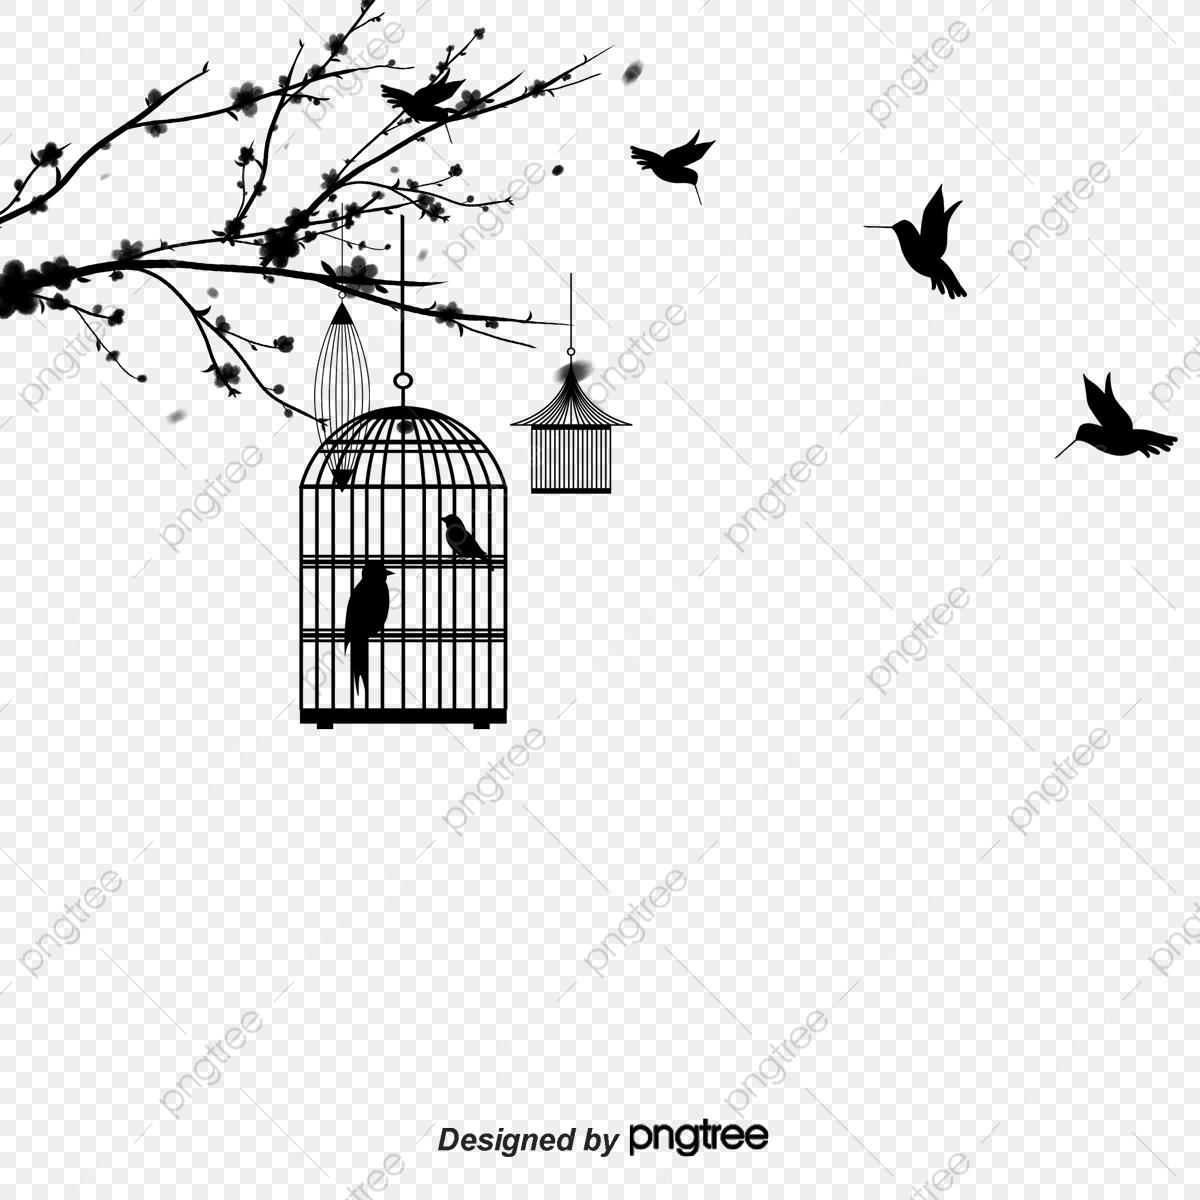 De La Cage D'oiseau Et Esthétique De Silhouette Noire concernant Dessin De Cage D Oiseau